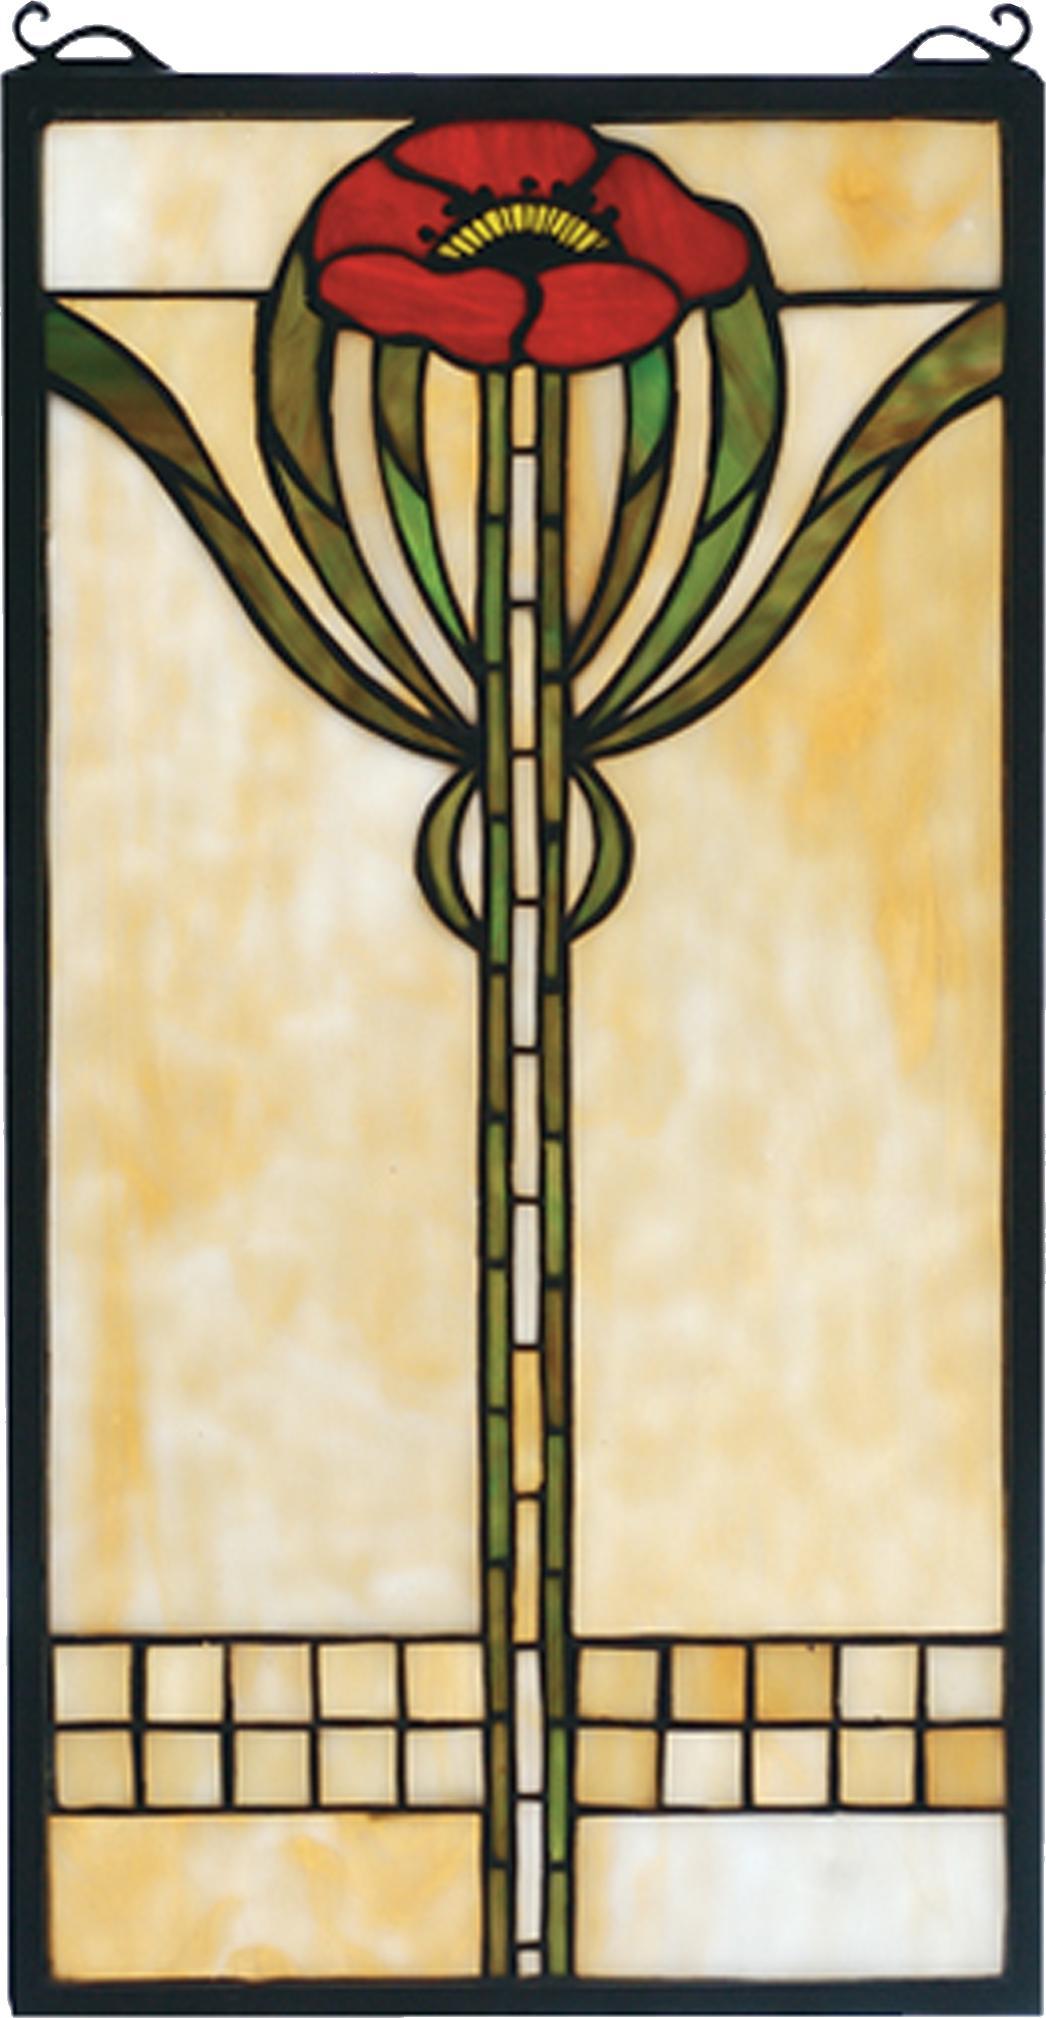 Parker Poppy Stained Glass Window Meyda Tiffany